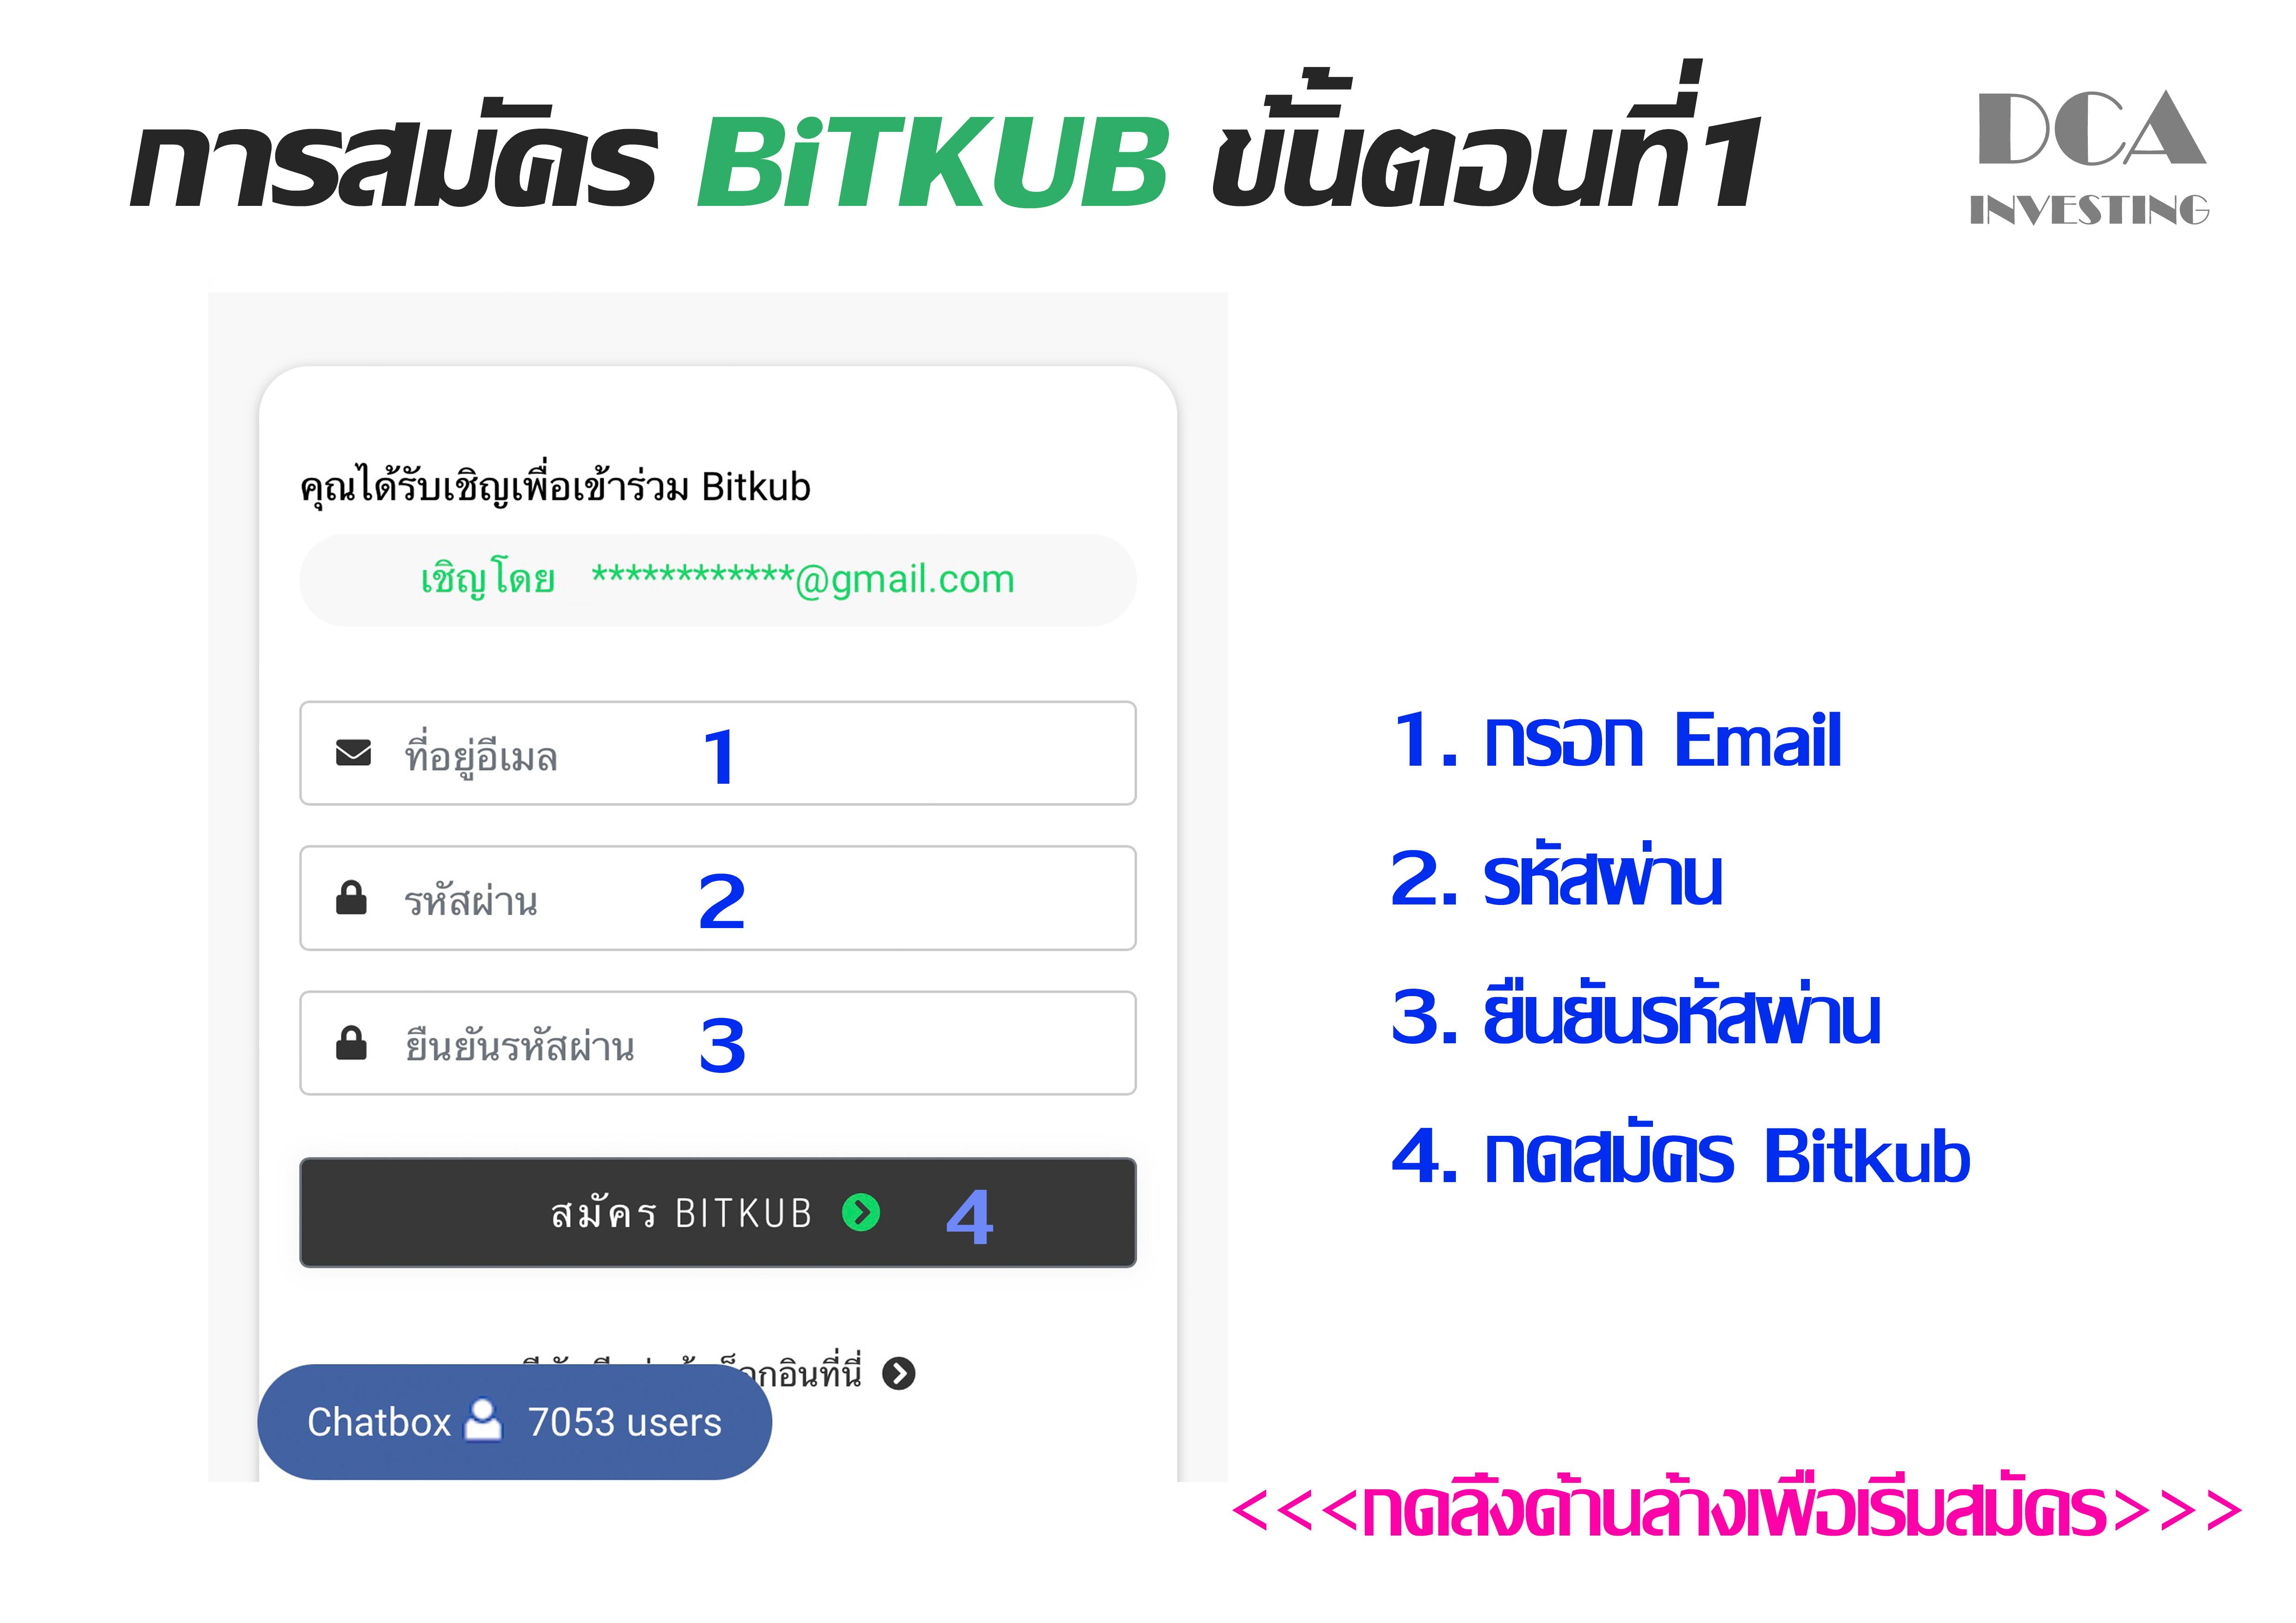 อนันดาประกาศจับมือ Bitkub เพื่อสนับสนุนและช่วยเหลือธุรกิจไทยด้วยเทคโนโลยีดิจิทัล